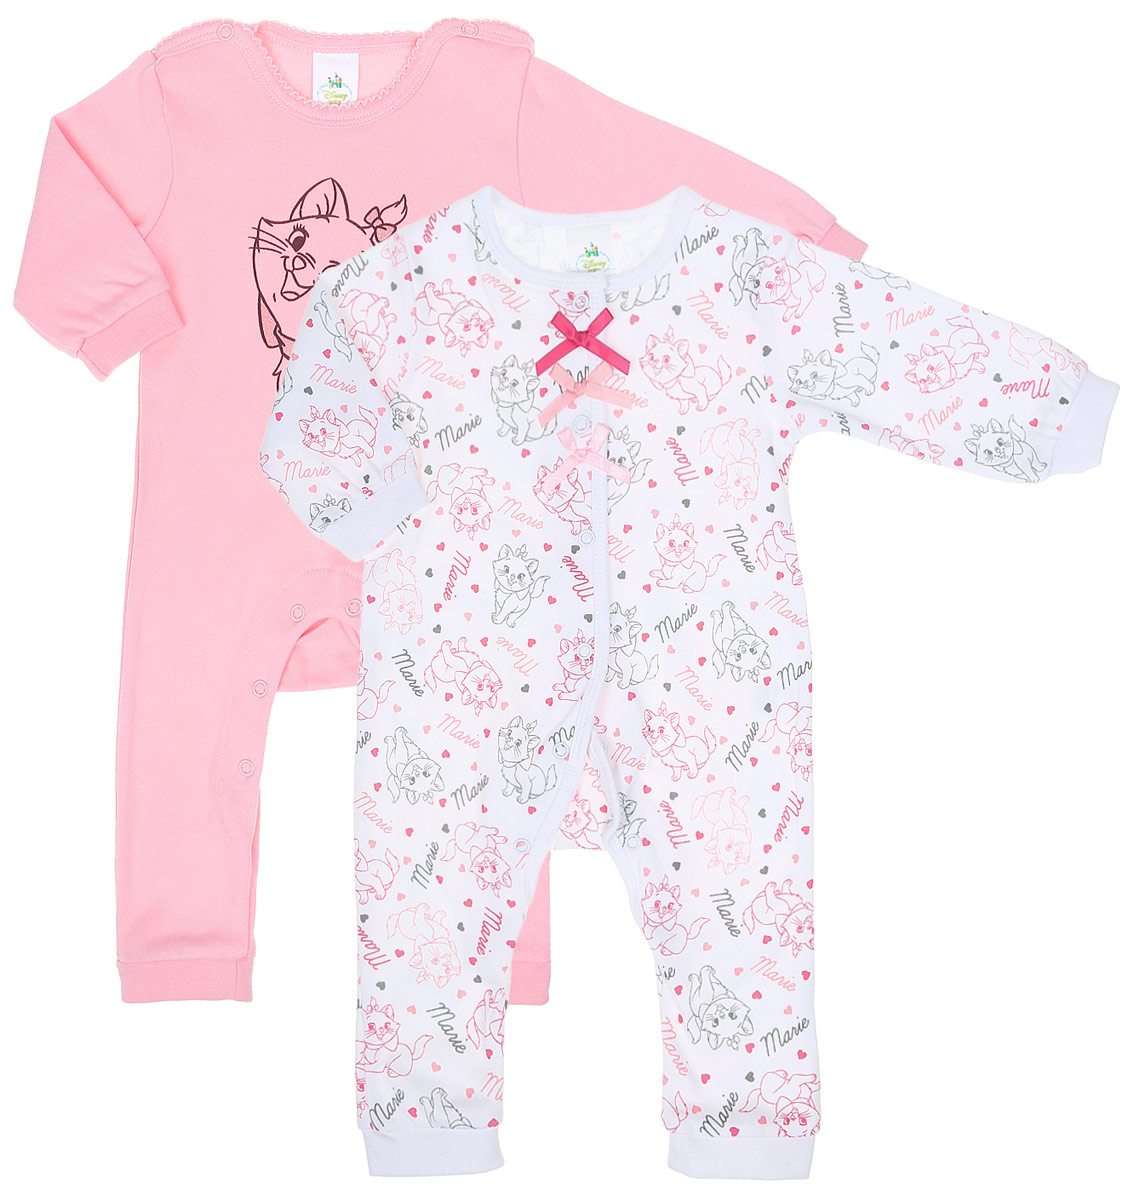 Комбинезон домашний для девочки PlayToday Baby, цвет: розовый, белый, серый меланж, 2 шт. 678806. Размер 74678806Комплект комбинезонов PlayToday Baby разнообразит гардероб вашей малышки. Комбинезоны с открытыми ножками изготовлены из натурального хлопка и оформлены милым принтом. Материал изделия мягкий и тактильно приятный, не раздражает нежную кожу ребенка и хорошо пропускает воздух. Модели имеют удобные застежки-кнопки что позволит легко переодеть ребенка или сменить подгузник, а также удобные манжеты на рукавах и снизу брючин. Круглый вырез горловины дополнен мягкой эластичной бейкой. Комбинезоны полностью соответствуют особенностям жизни ребенка в ранний период, не стесняя и не ограничивая его в движениях.